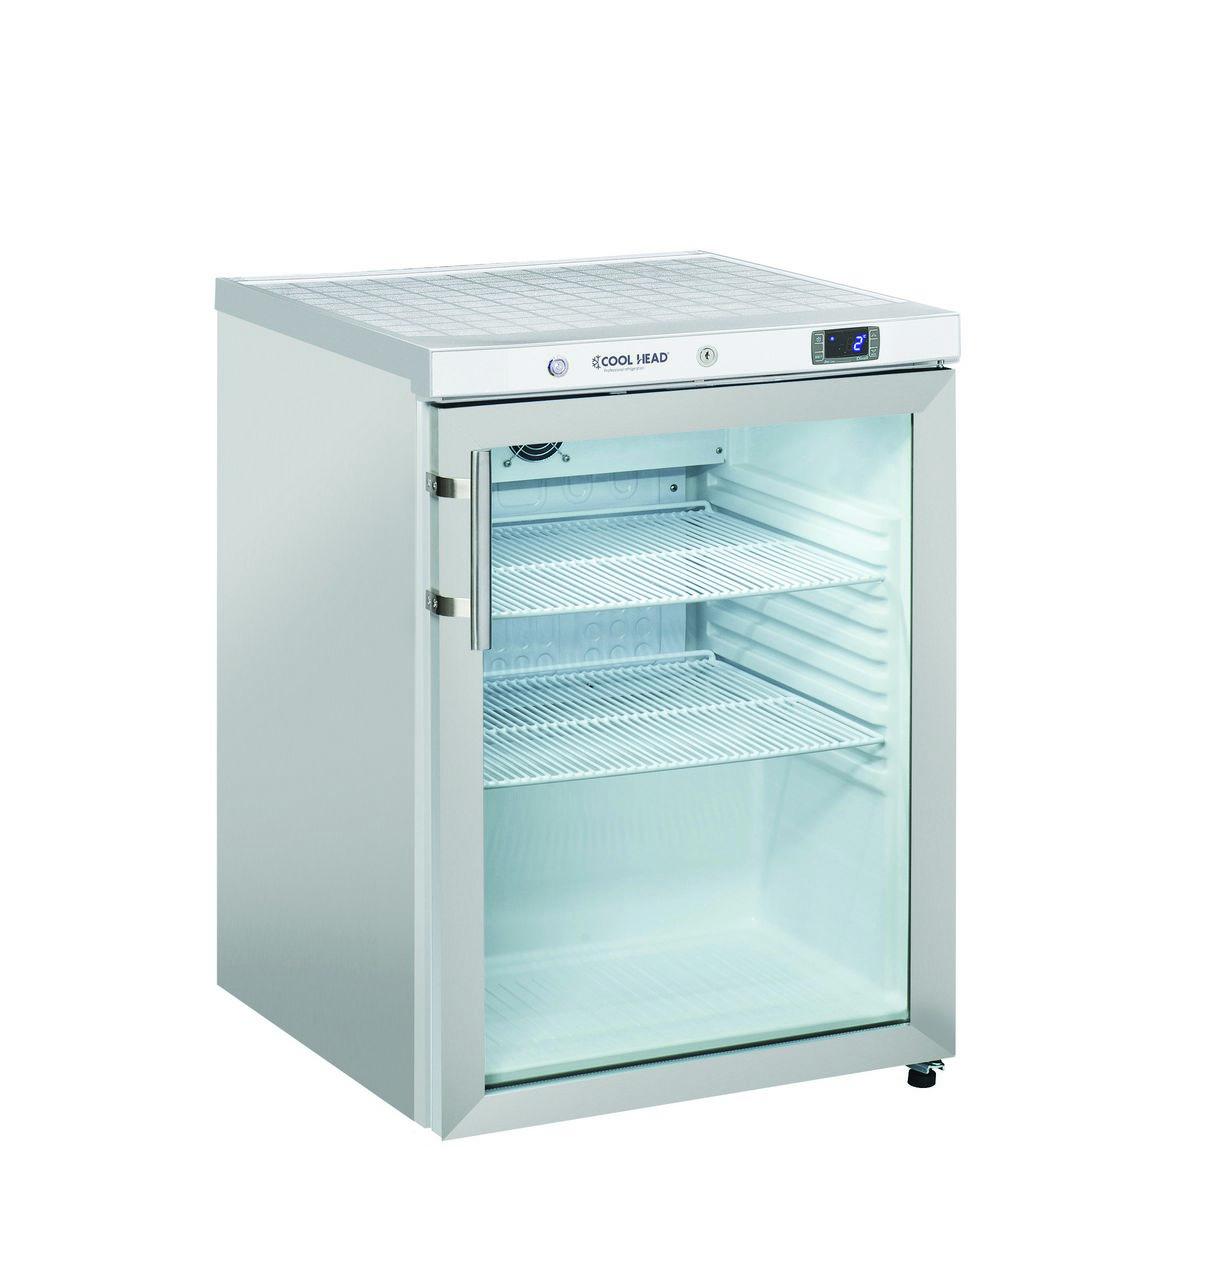 200 literes hűtő, ventilációs hűtéssel, üveg ajtóval, rozsdamentes